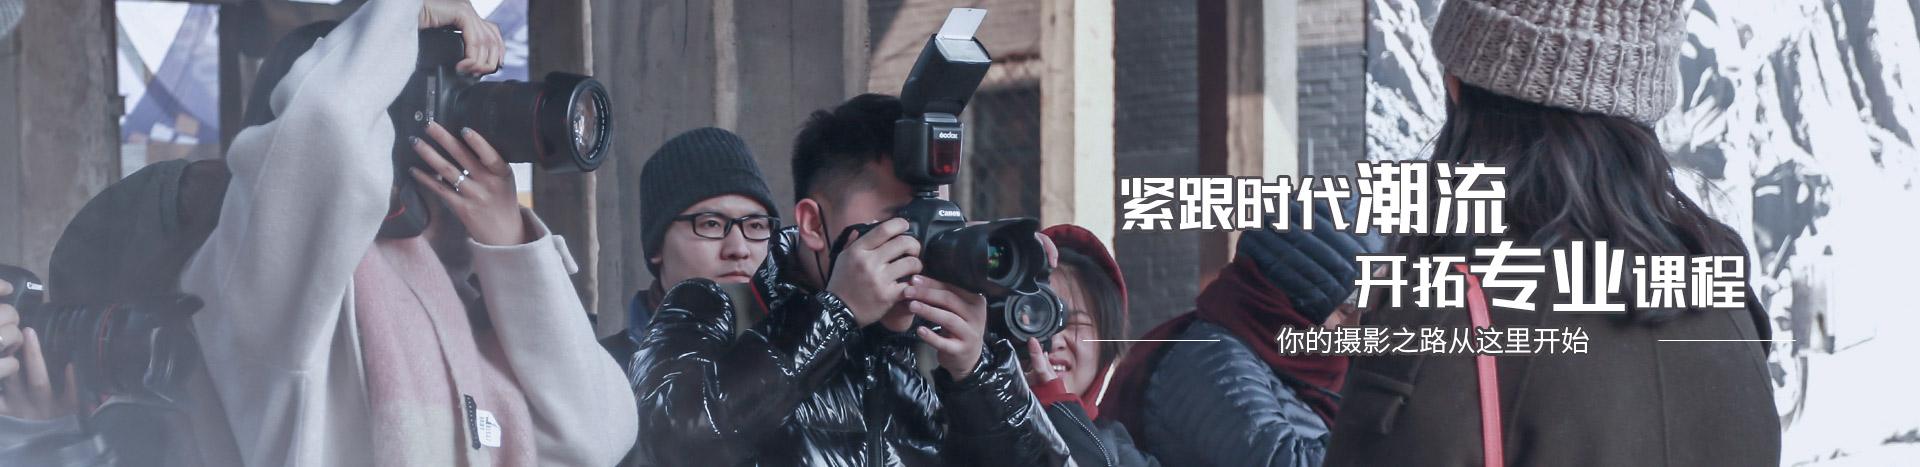 广州传媒艺考培训摄影艺考机构课程